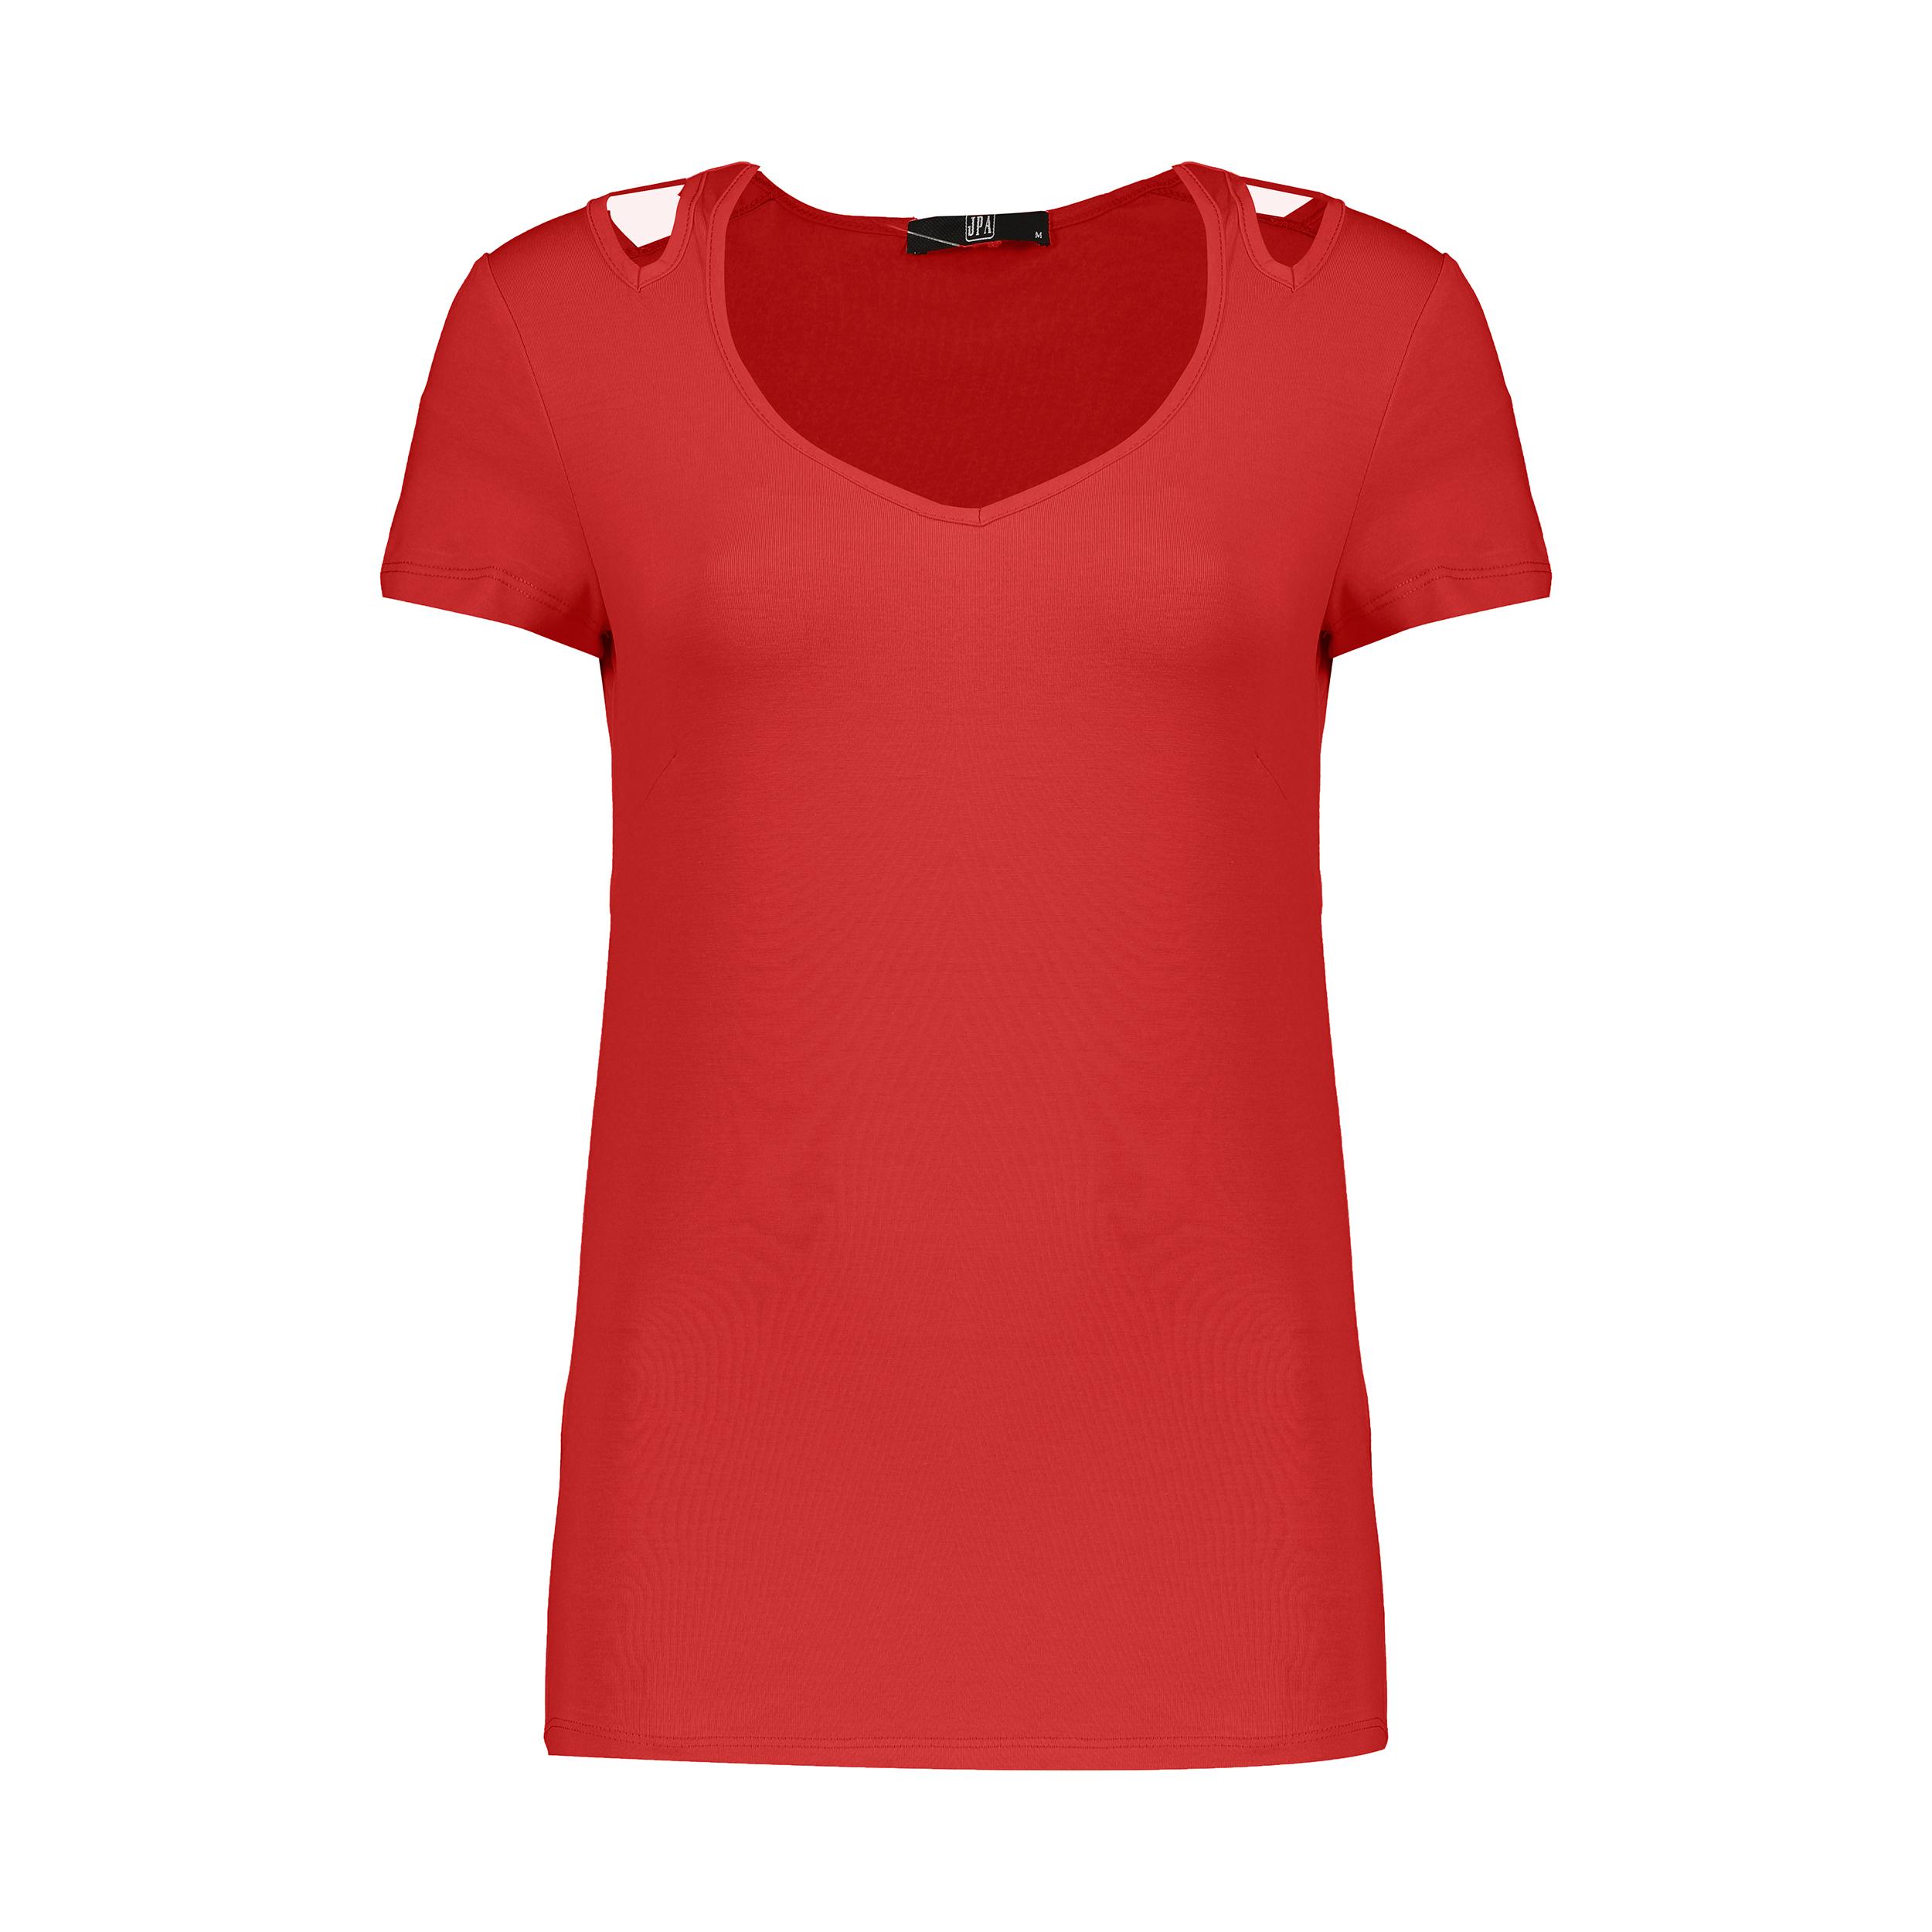 تی شرت زنانه جامه پوش آرا مدل 4012028328-72